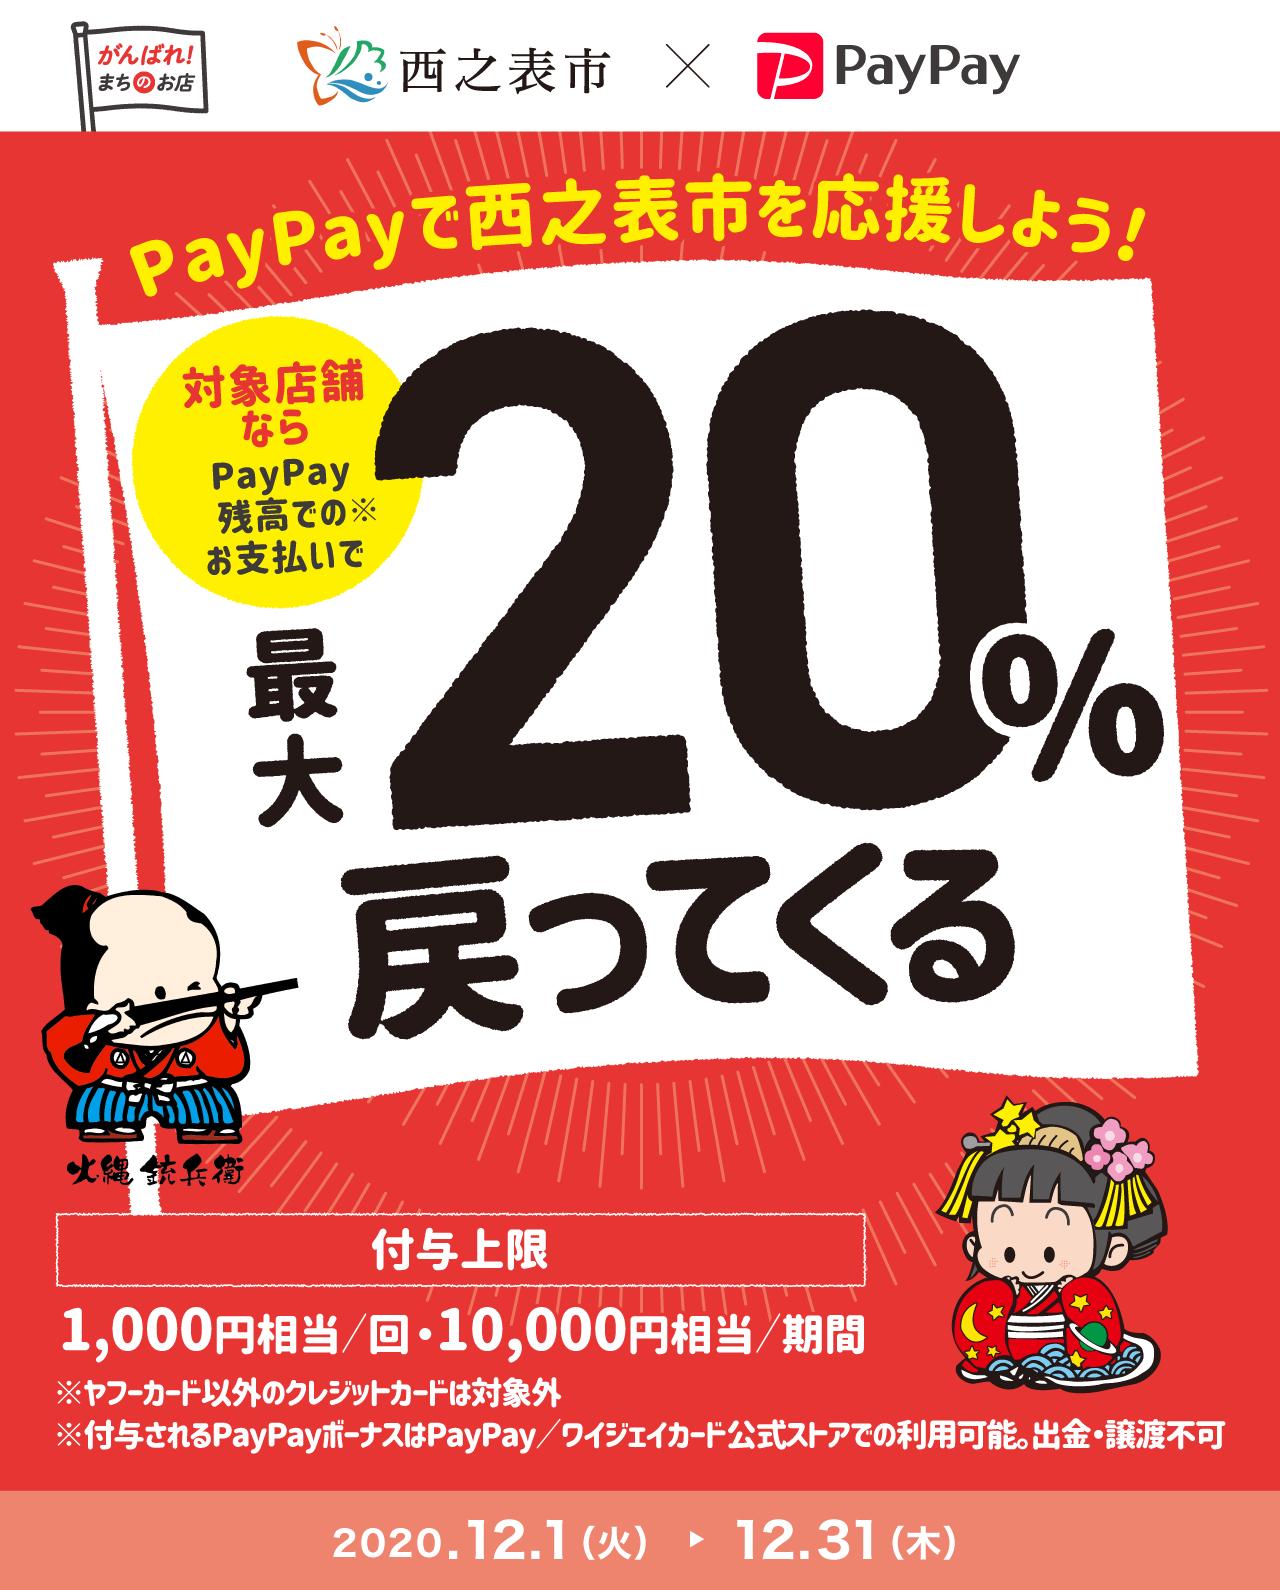 PayPayで西之表市を応援しよう! 対象店舗ならPayPay残高でのお支払いで 最大20%戻ってくる